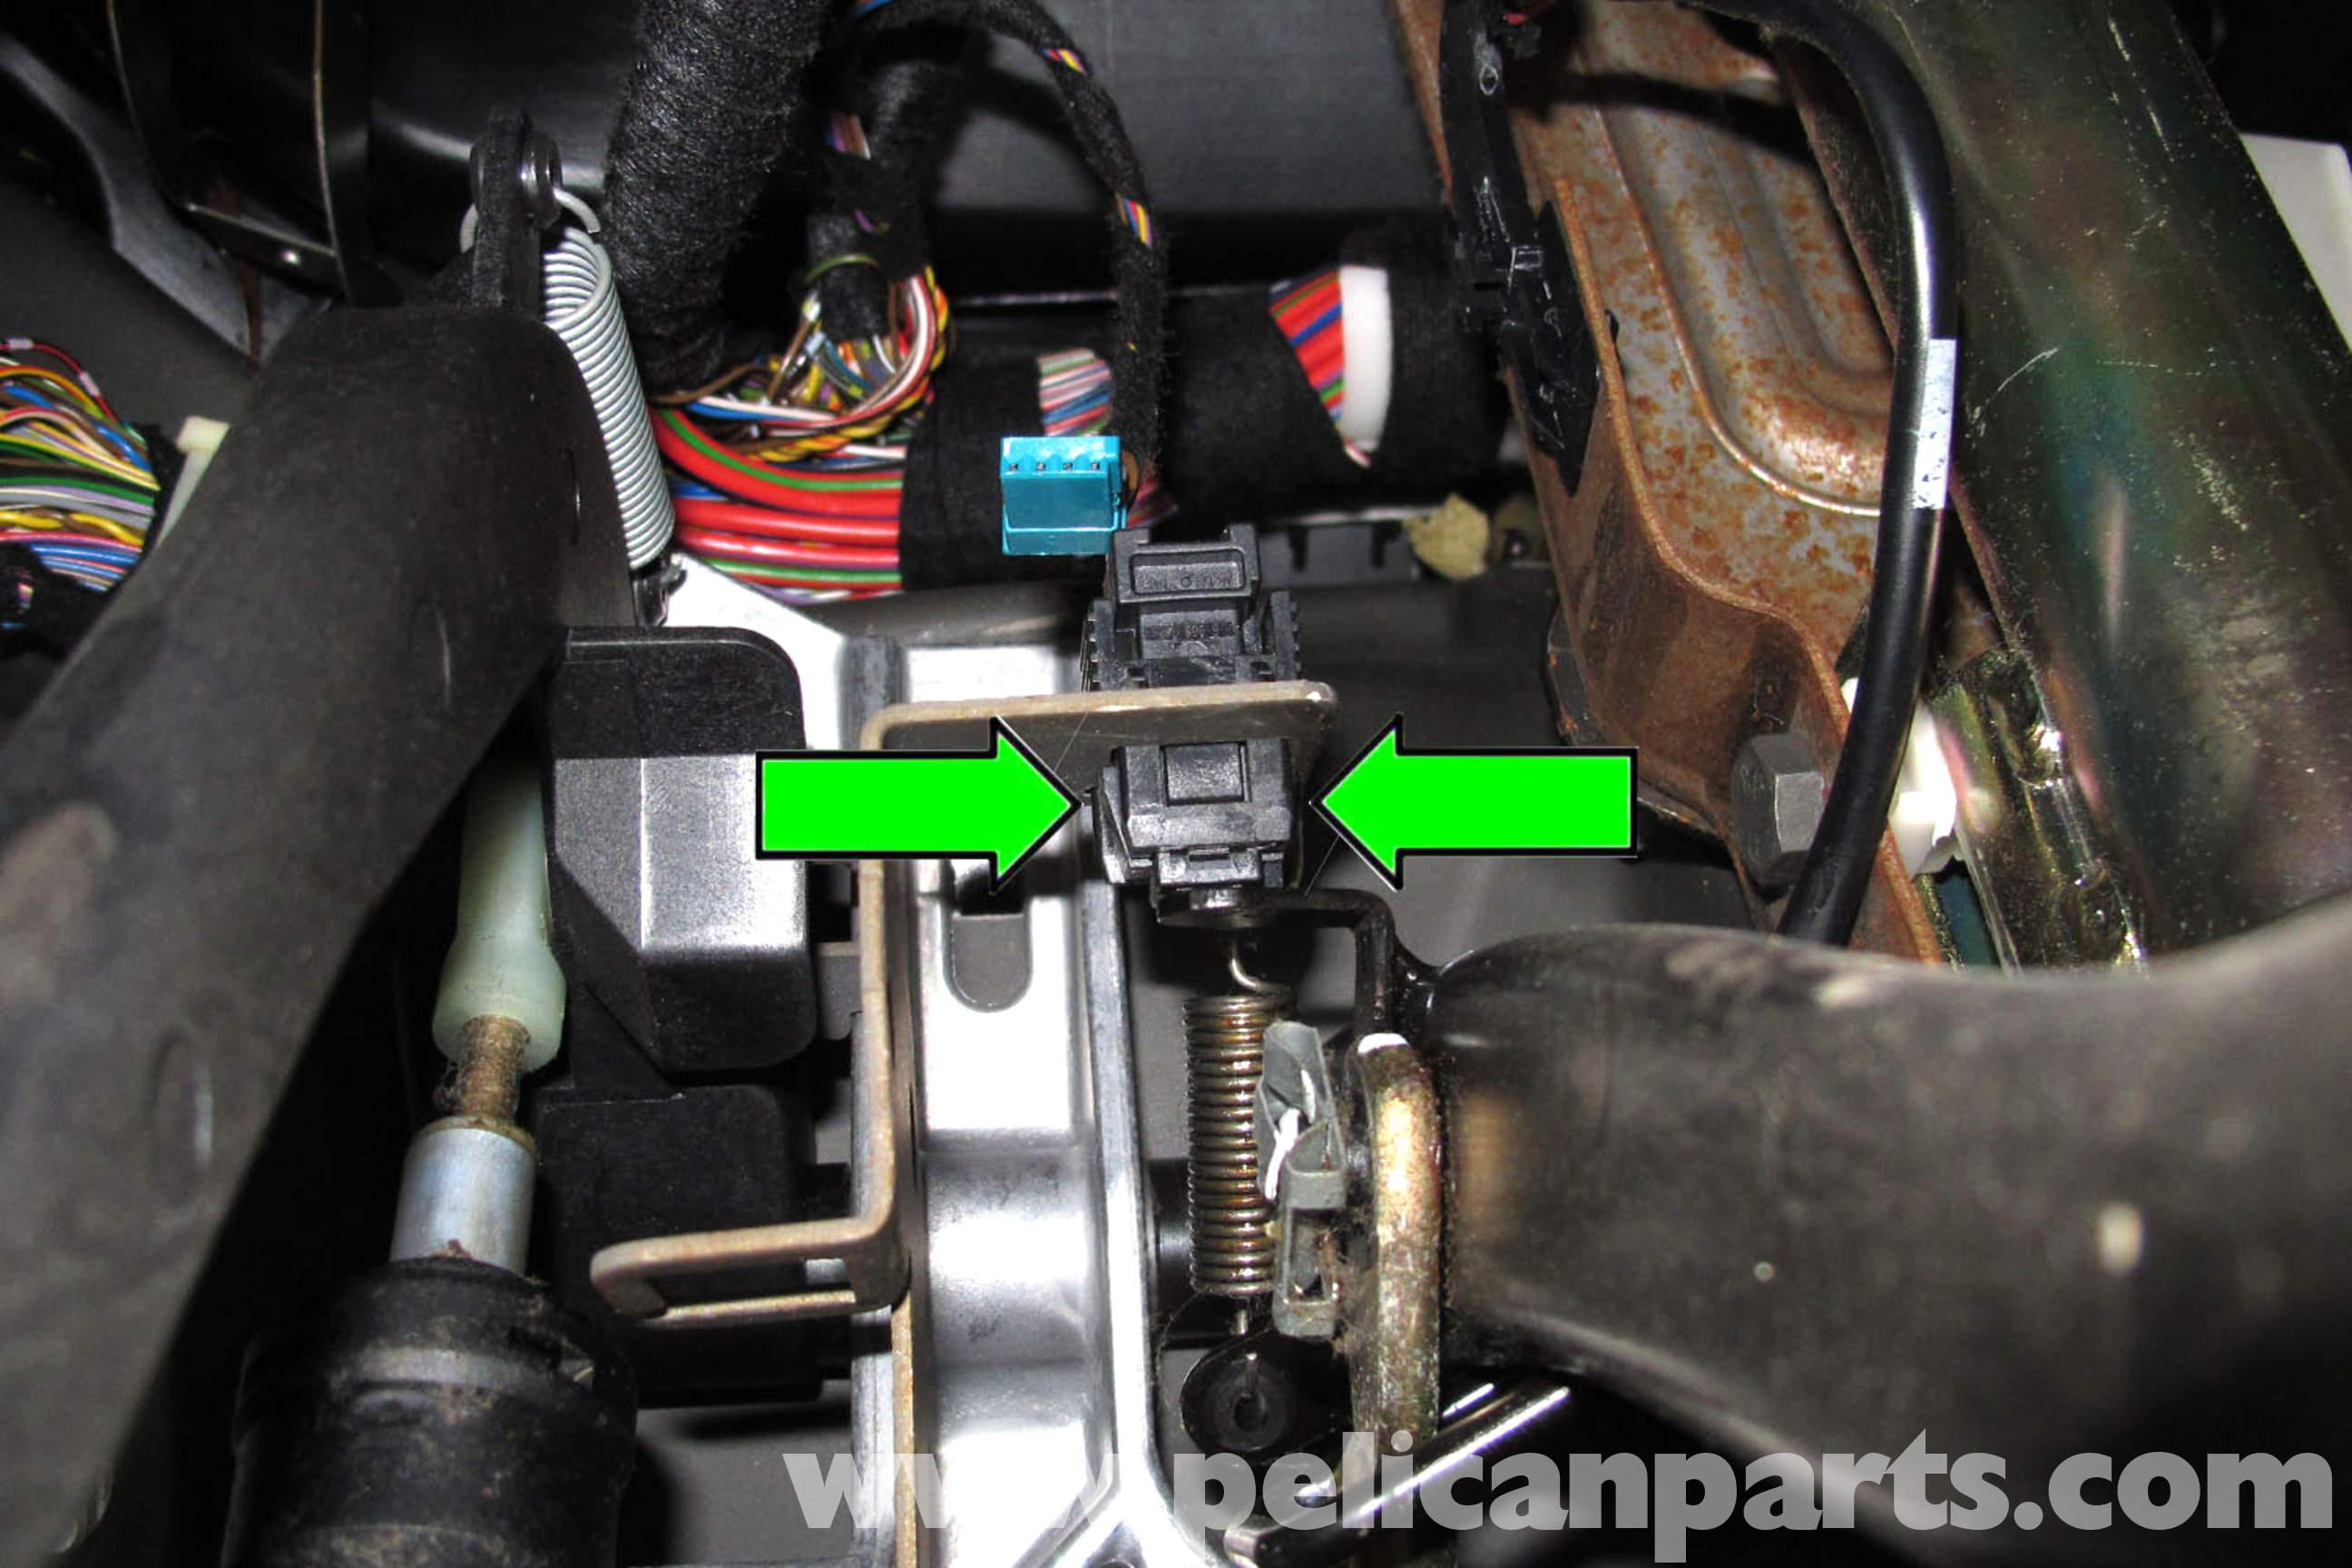 2001 Hyundai Elantra Fuel Filter Location 2000 Sonata